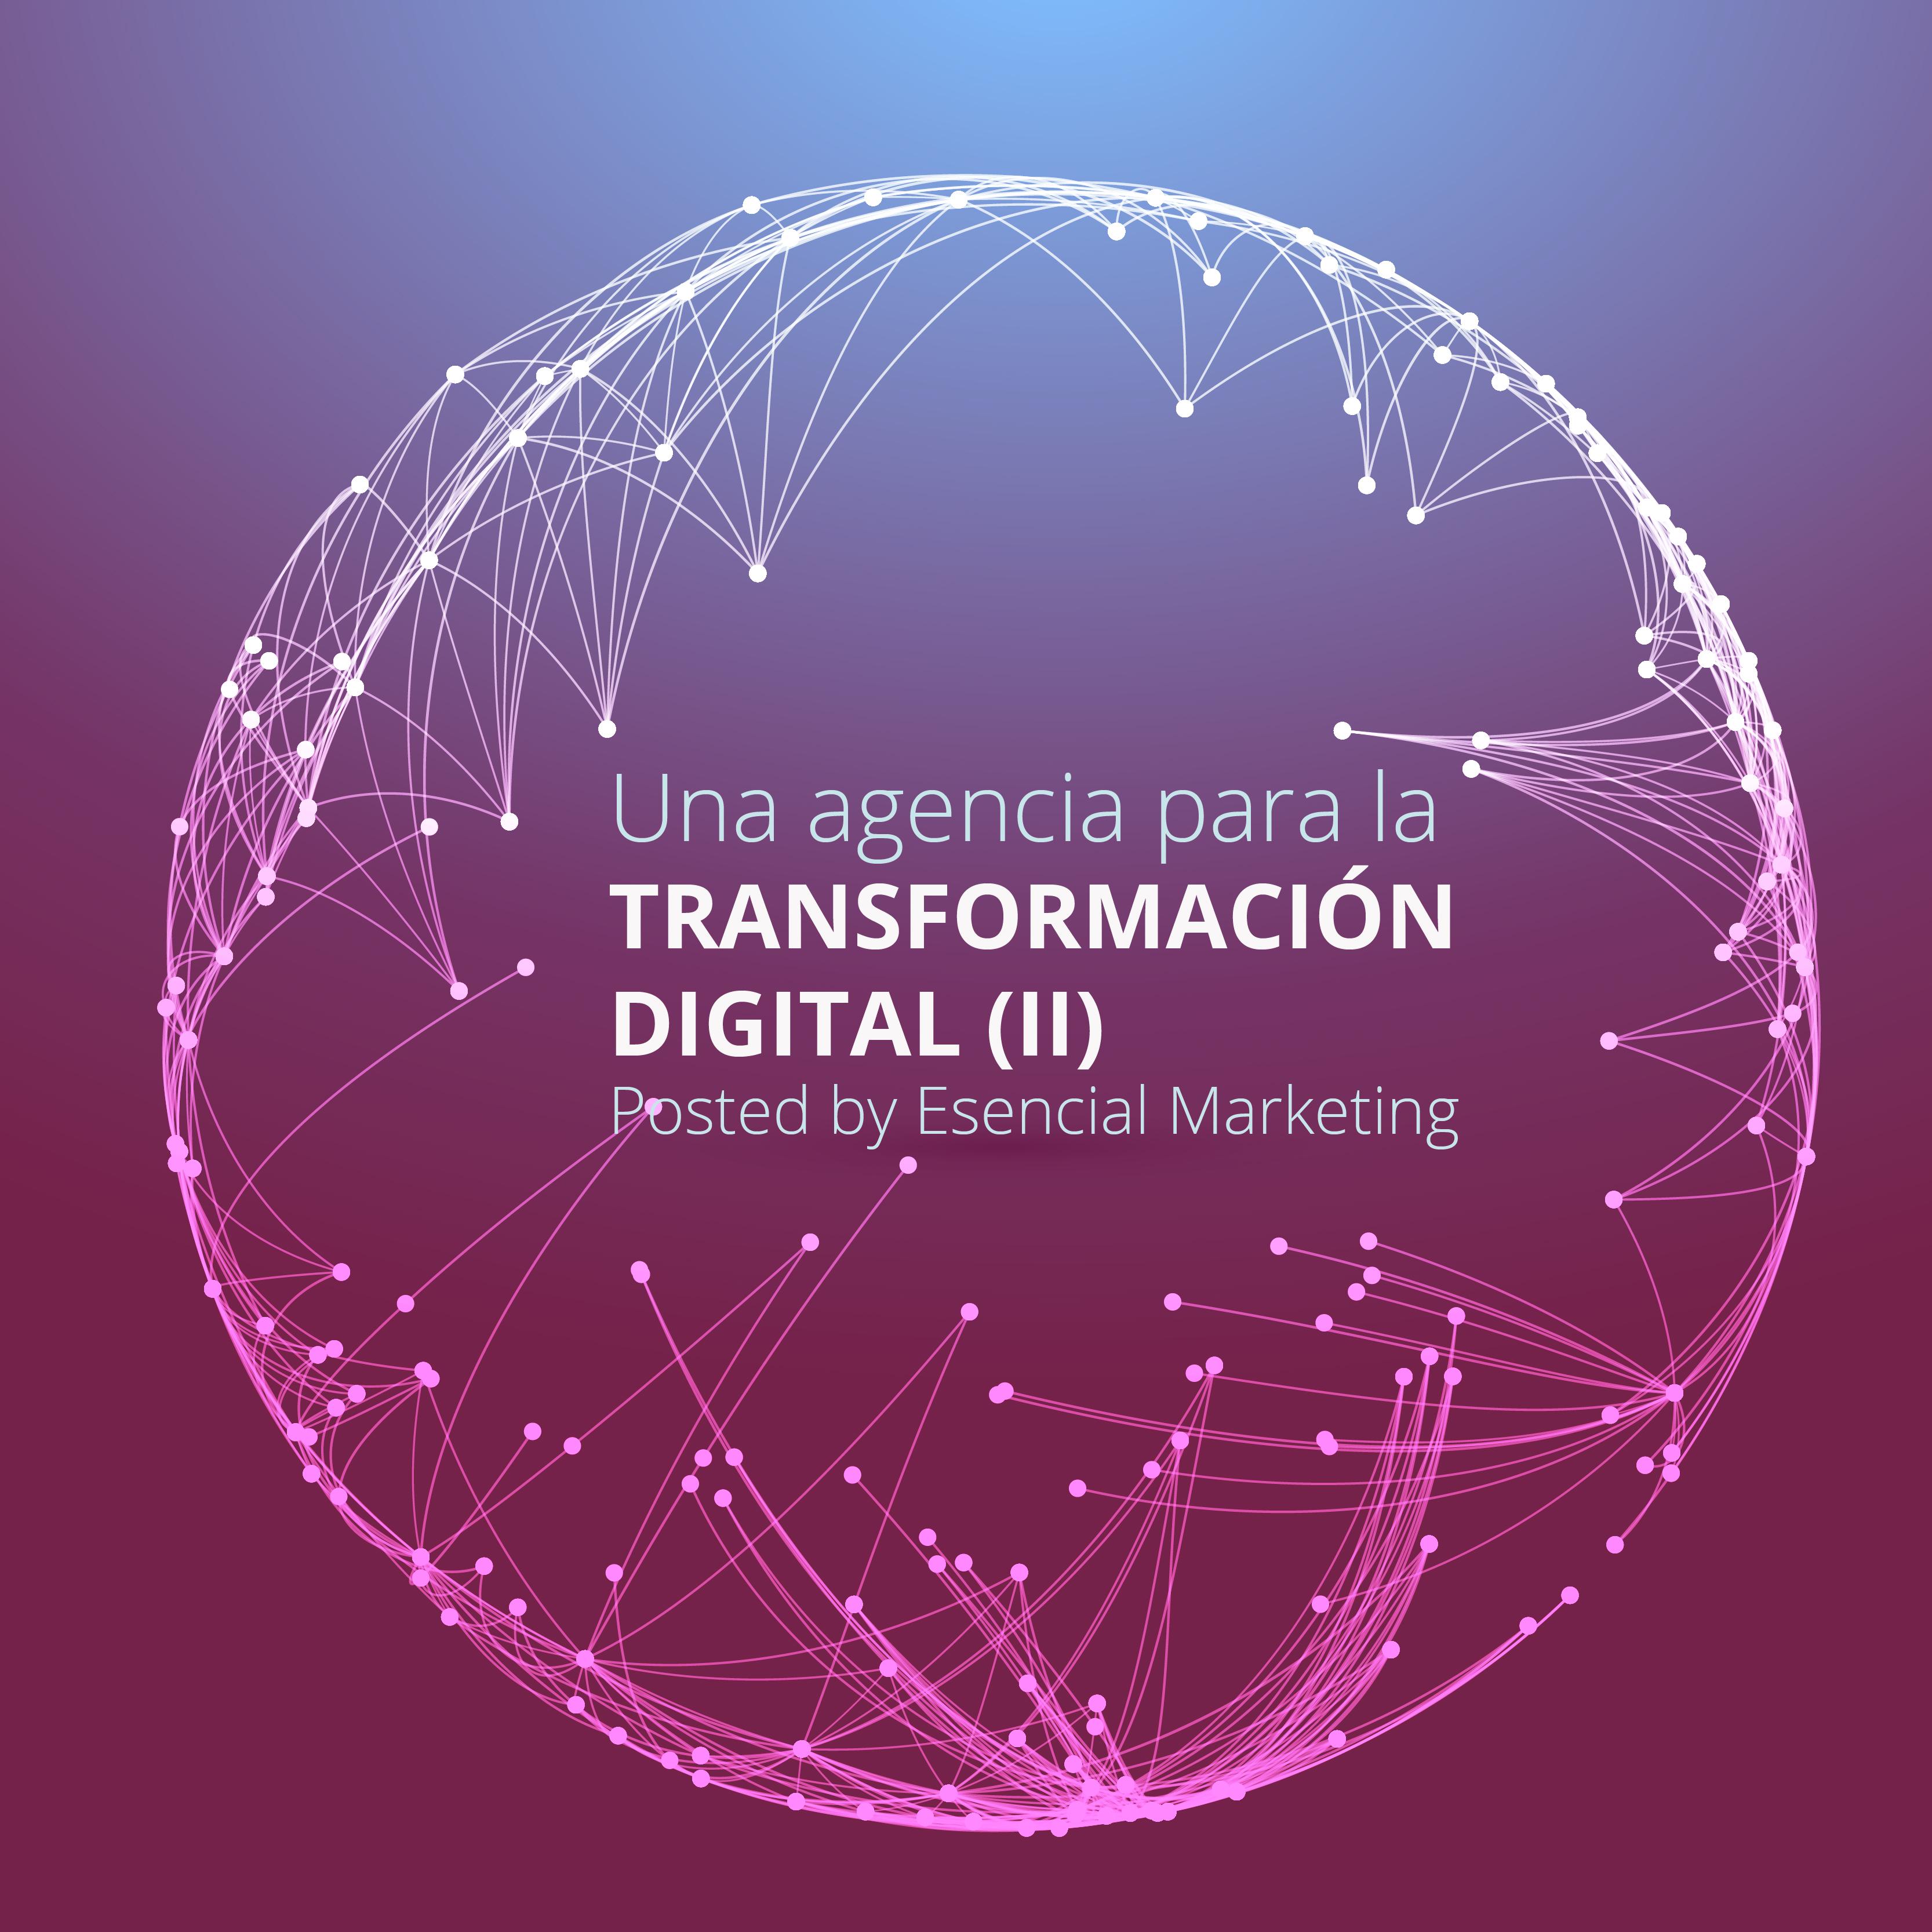 Esencial, un aliado para la transformación digital